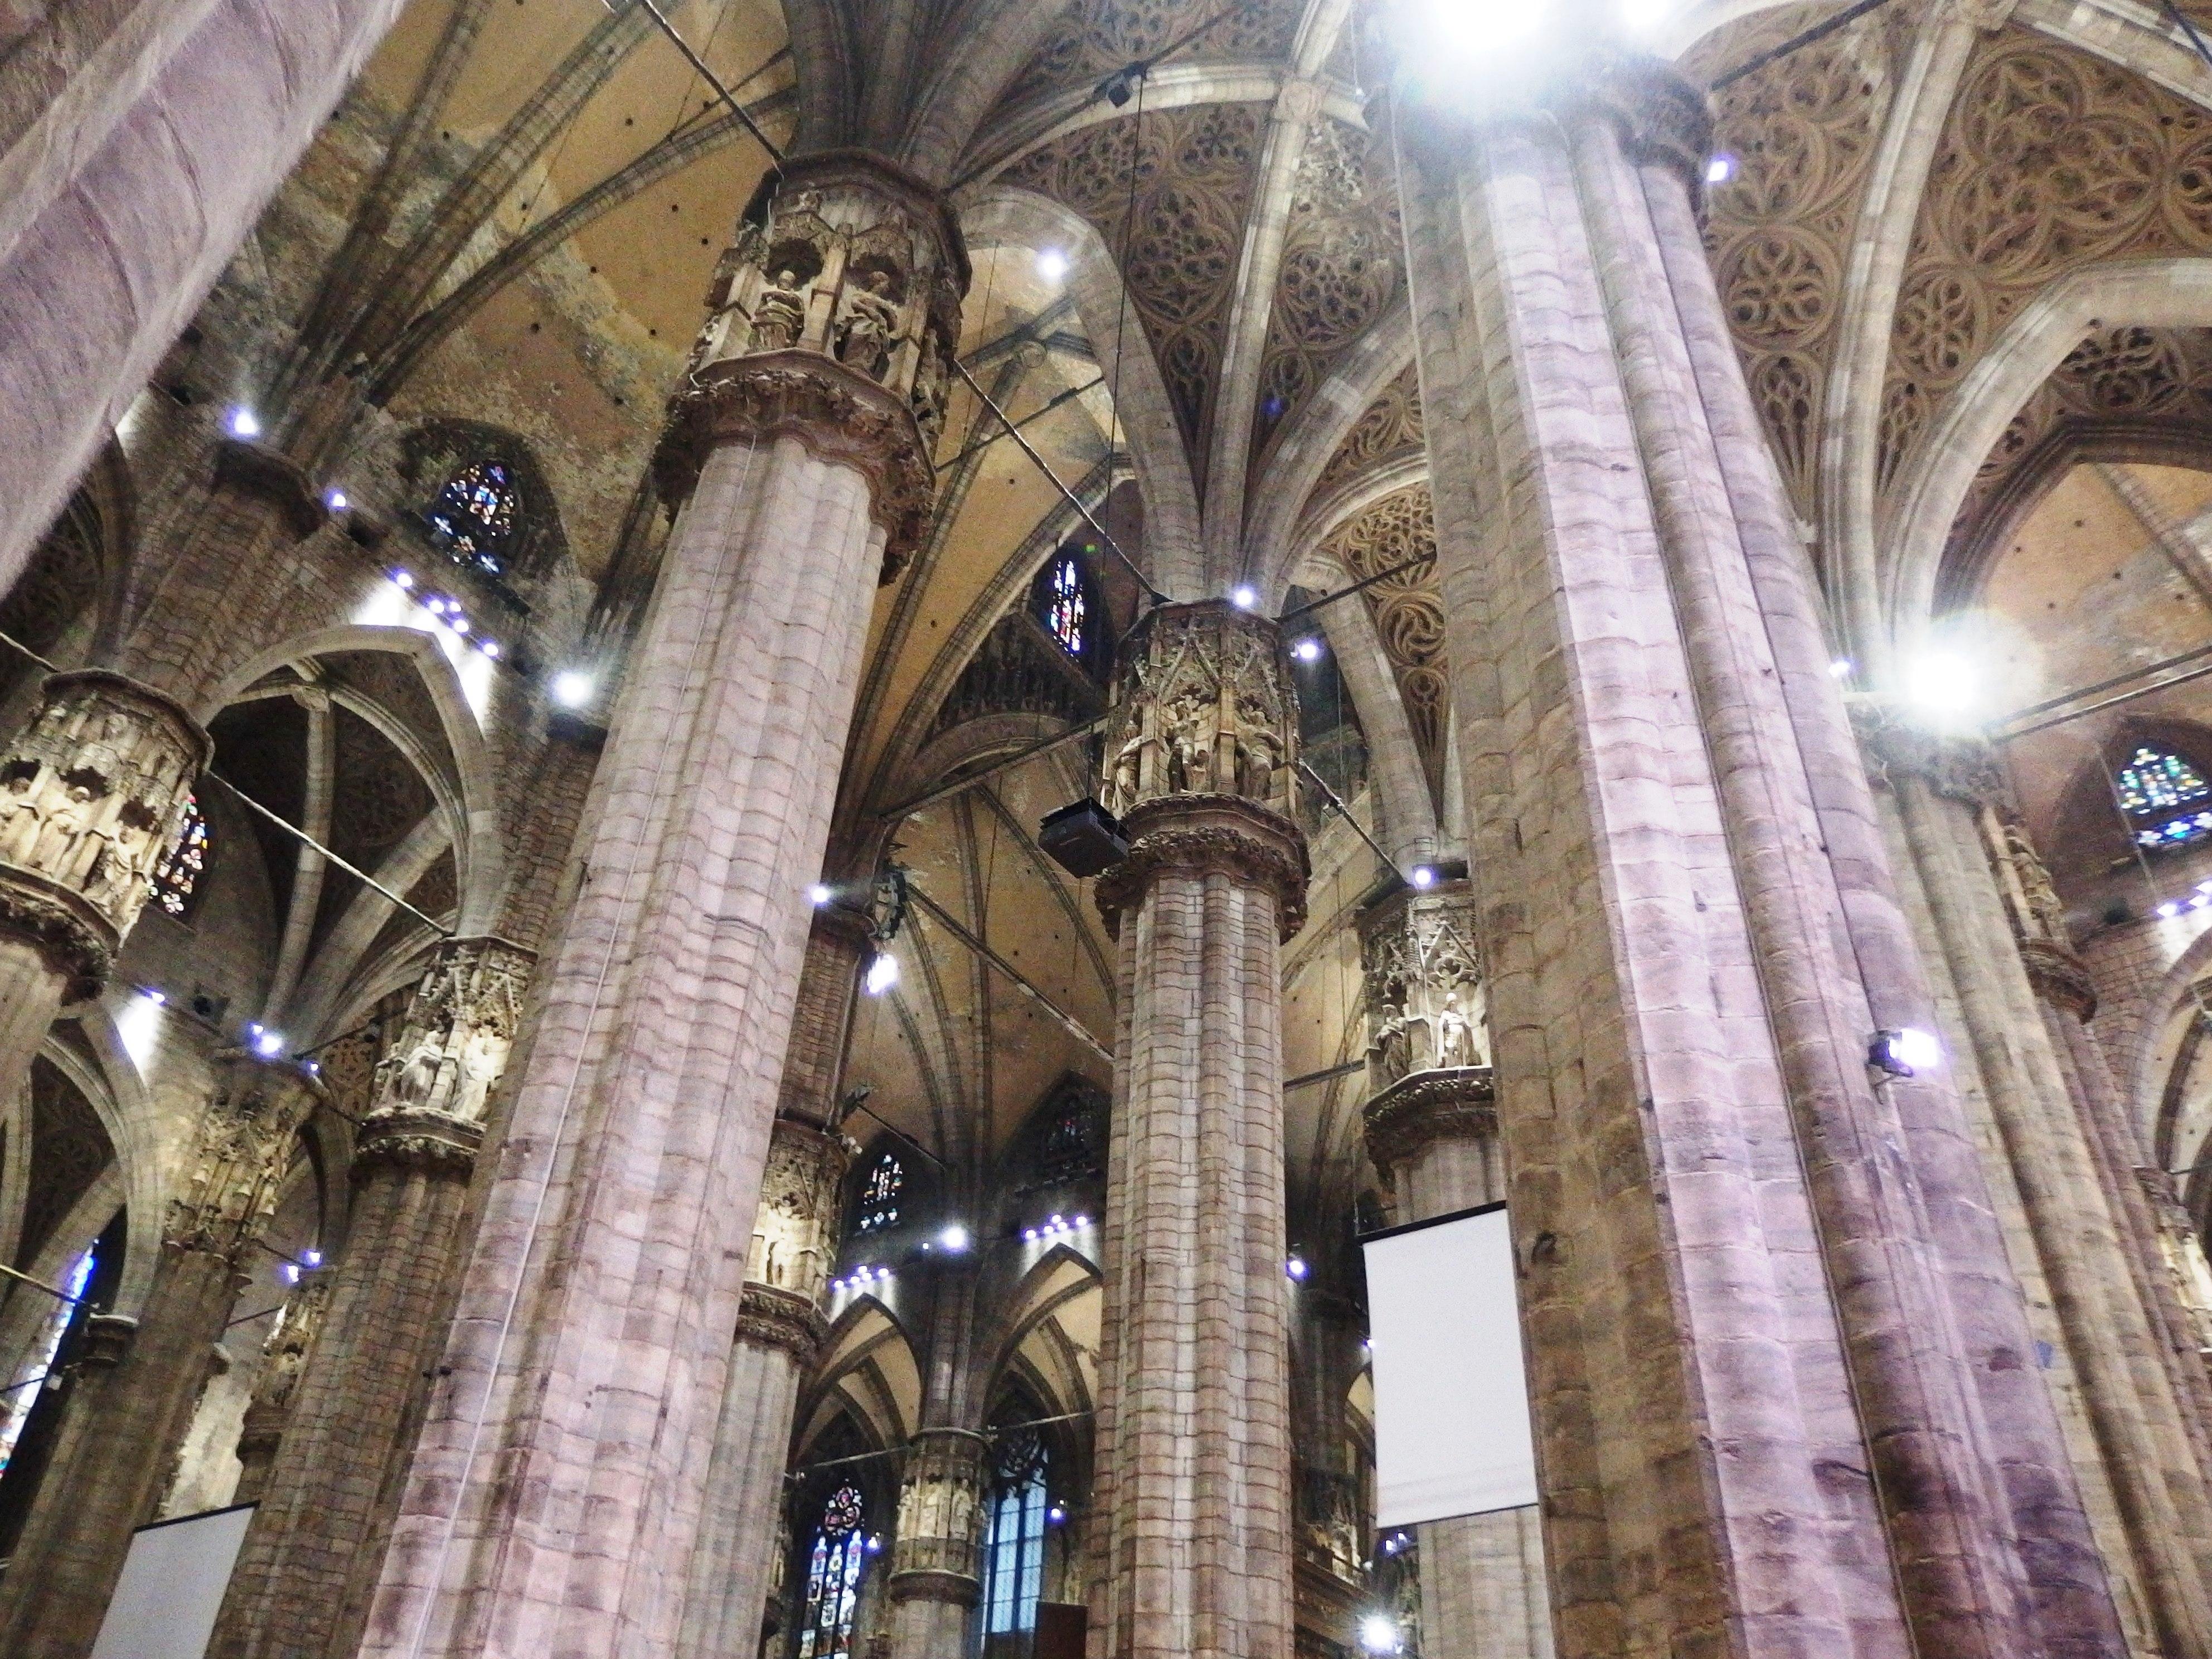 Itálie - Milán - katedrála Santa Maria Nascente je 5 lodní, pilíře se sochami světců